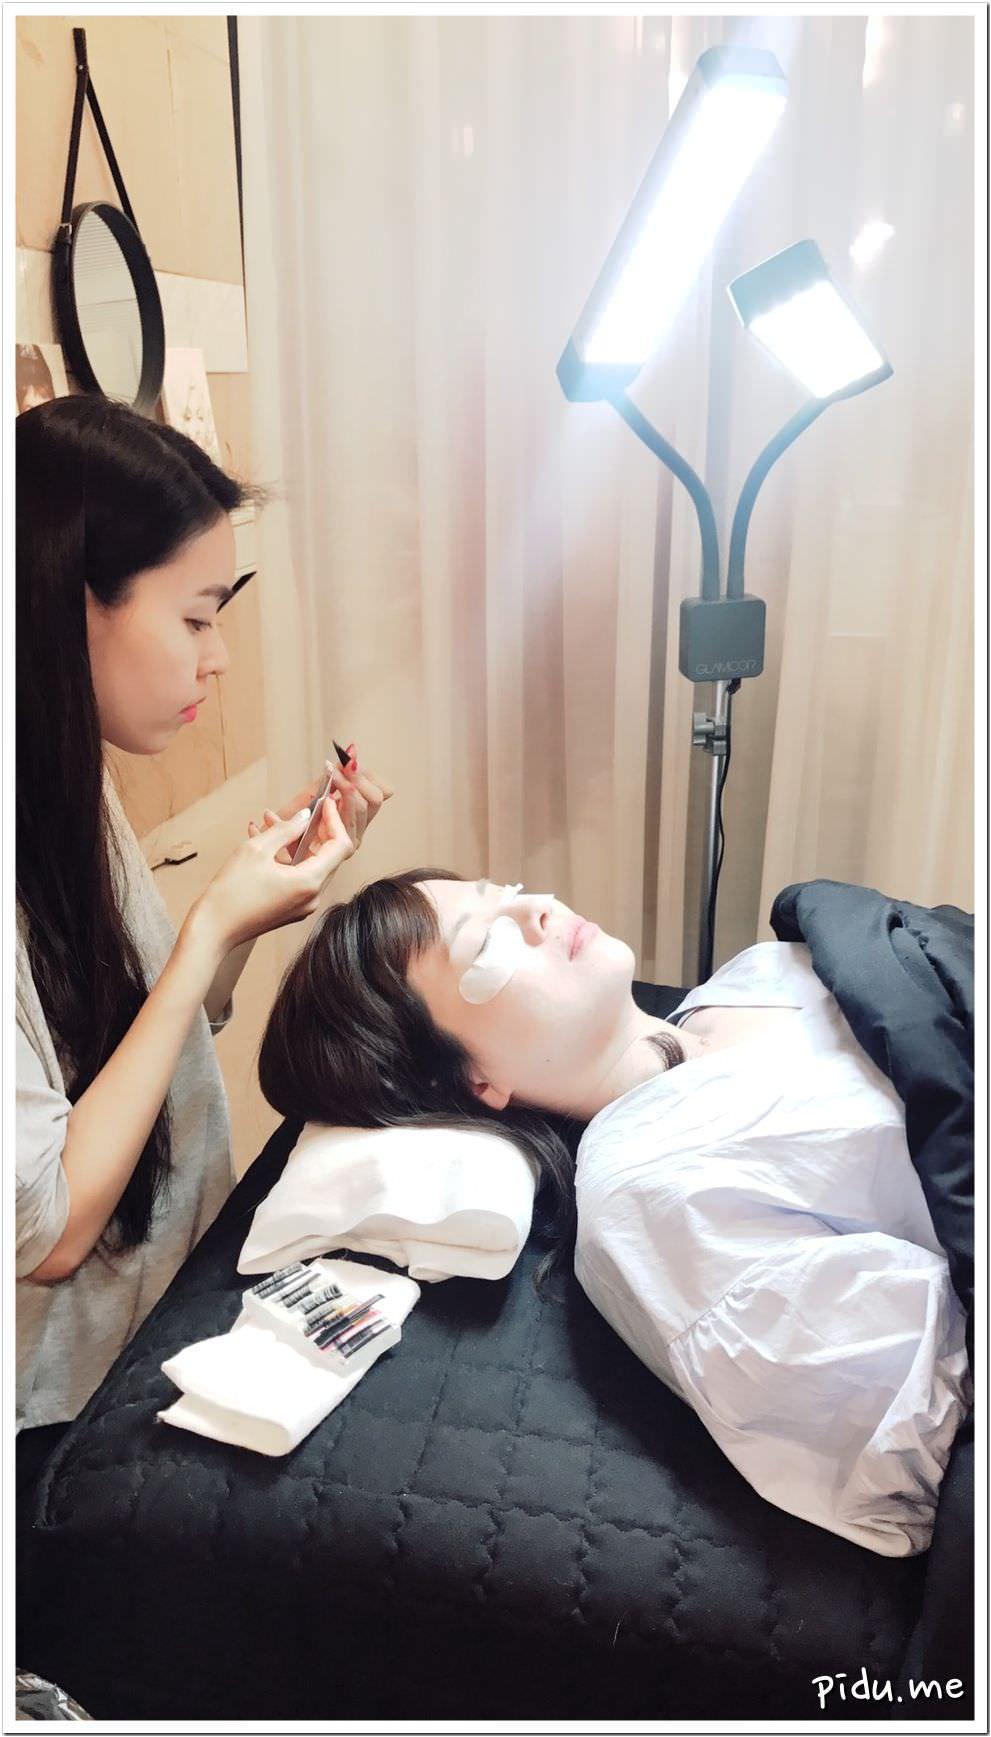 《首爾\弘大》來韓國變美麗吧!絕對不會後悔的女孩行程~Shop vivian 韓式接睫毛샵비비안 | 大肚人生~Keep Eating~